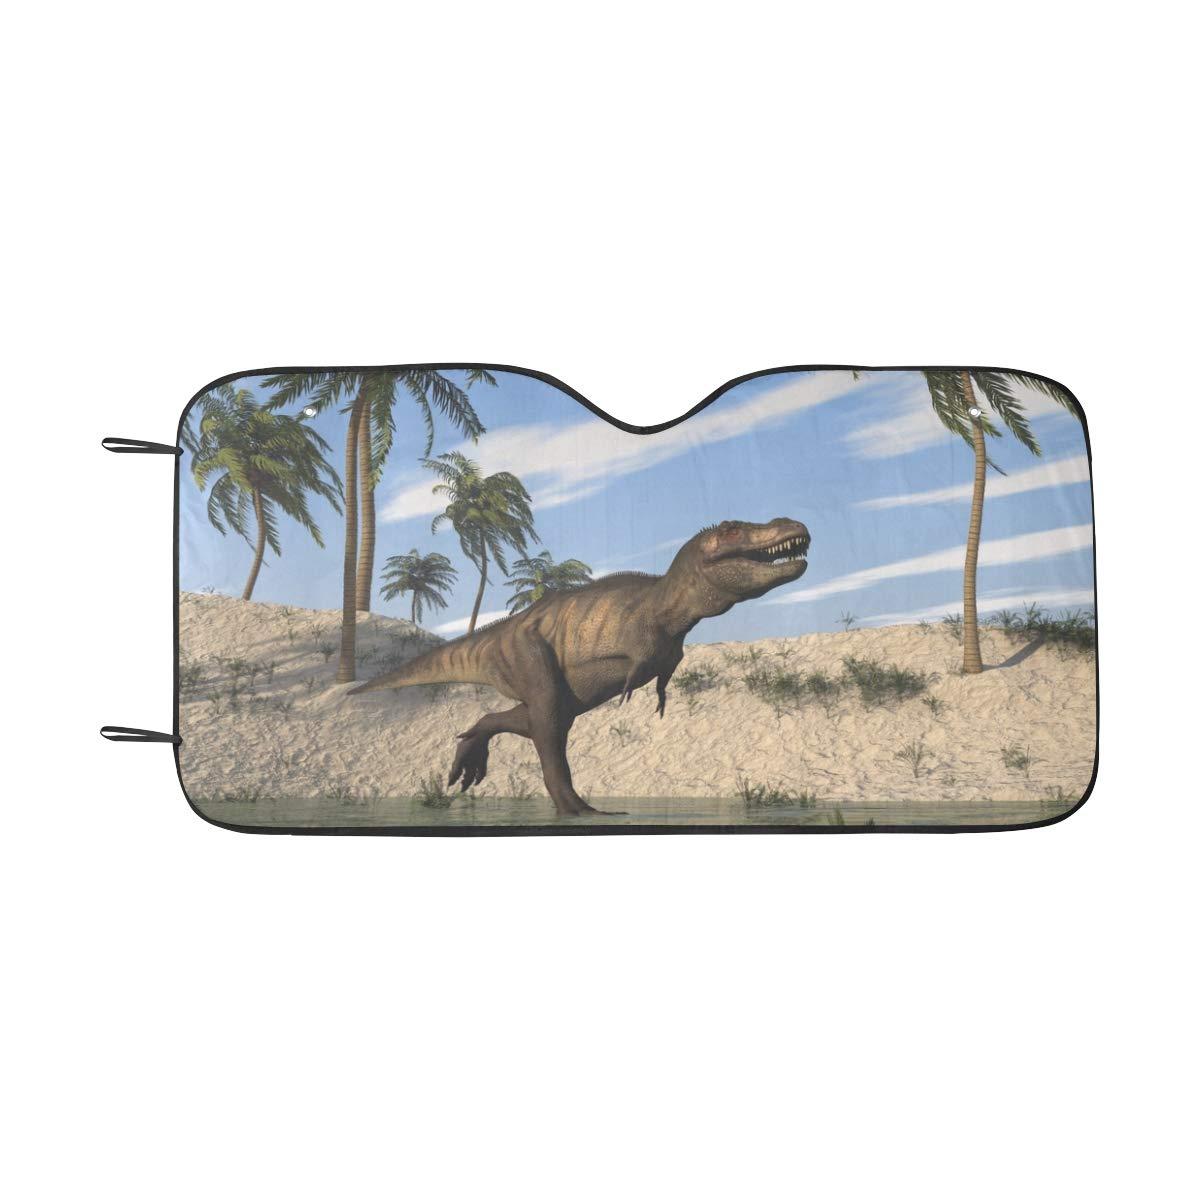 Paraguas Coche Divertido Parasol Sombra M/ágico Tyrannosaurus Rex Visera Solar Ajuste Universal Delantero Mantener Refrescador Fresco Cami/ón SUV 55x30 Autos Sombrilla Parabrisas autom/óvil